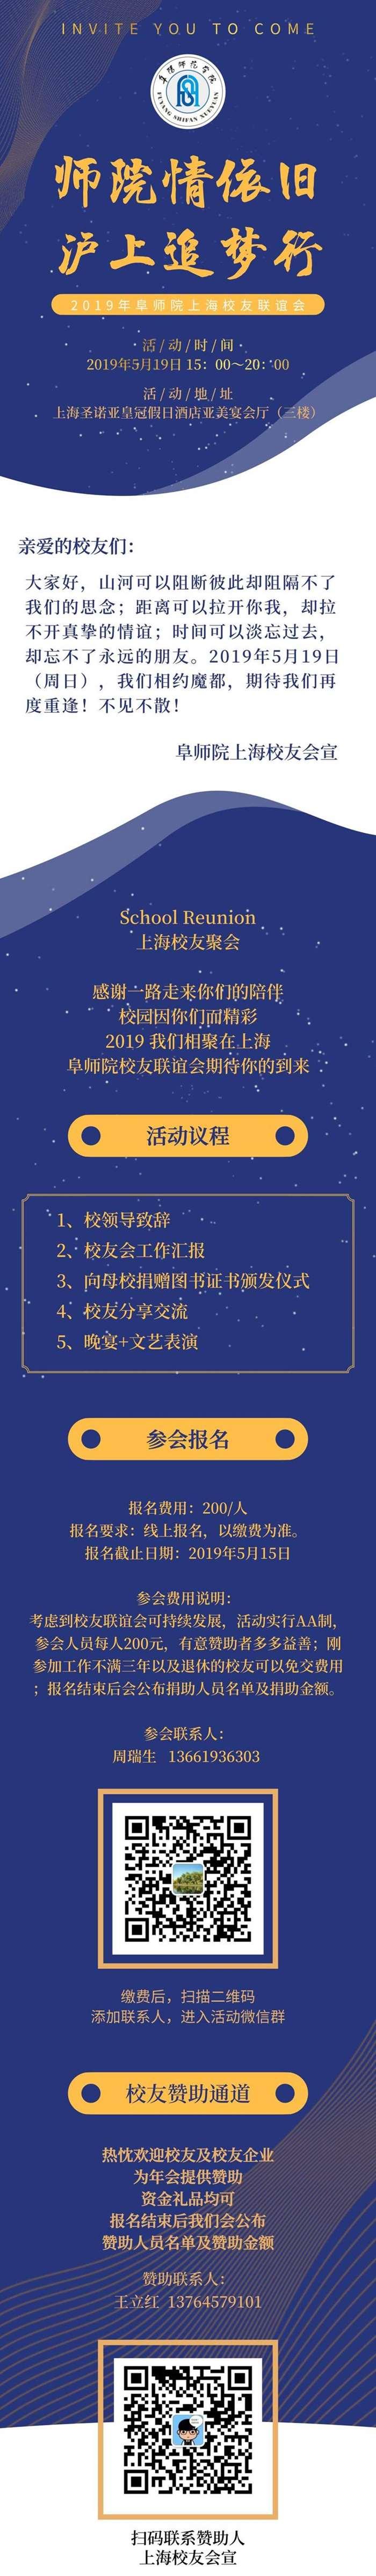 副本_未命名_自定义px_2019.04.16 (2).png